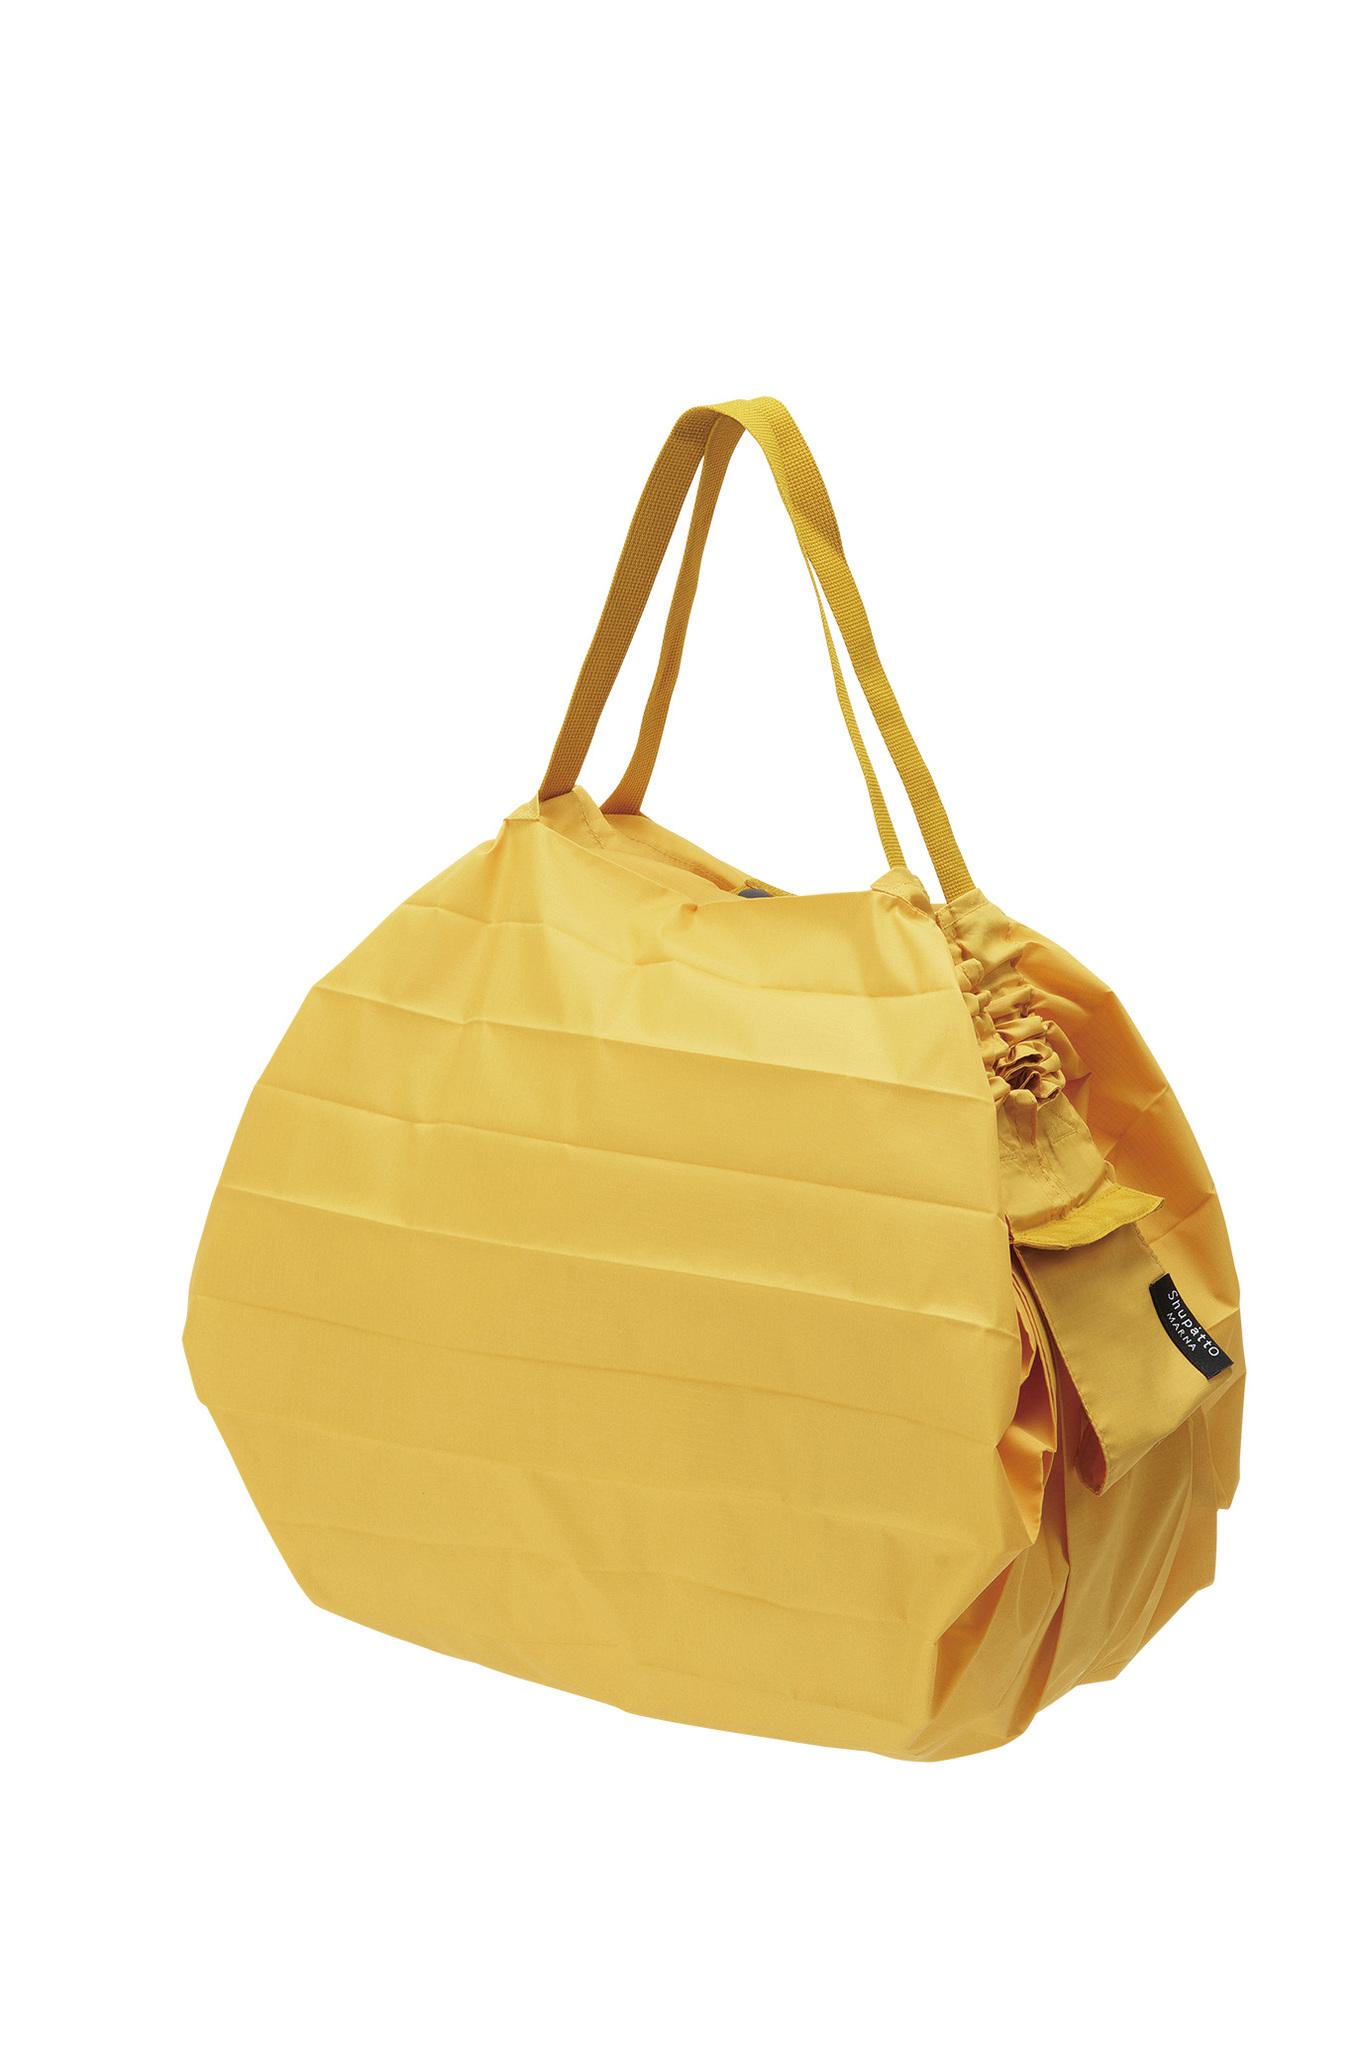 KARASHI (Mustard), Gelb, Grösse M - gefaltet 8x6 c